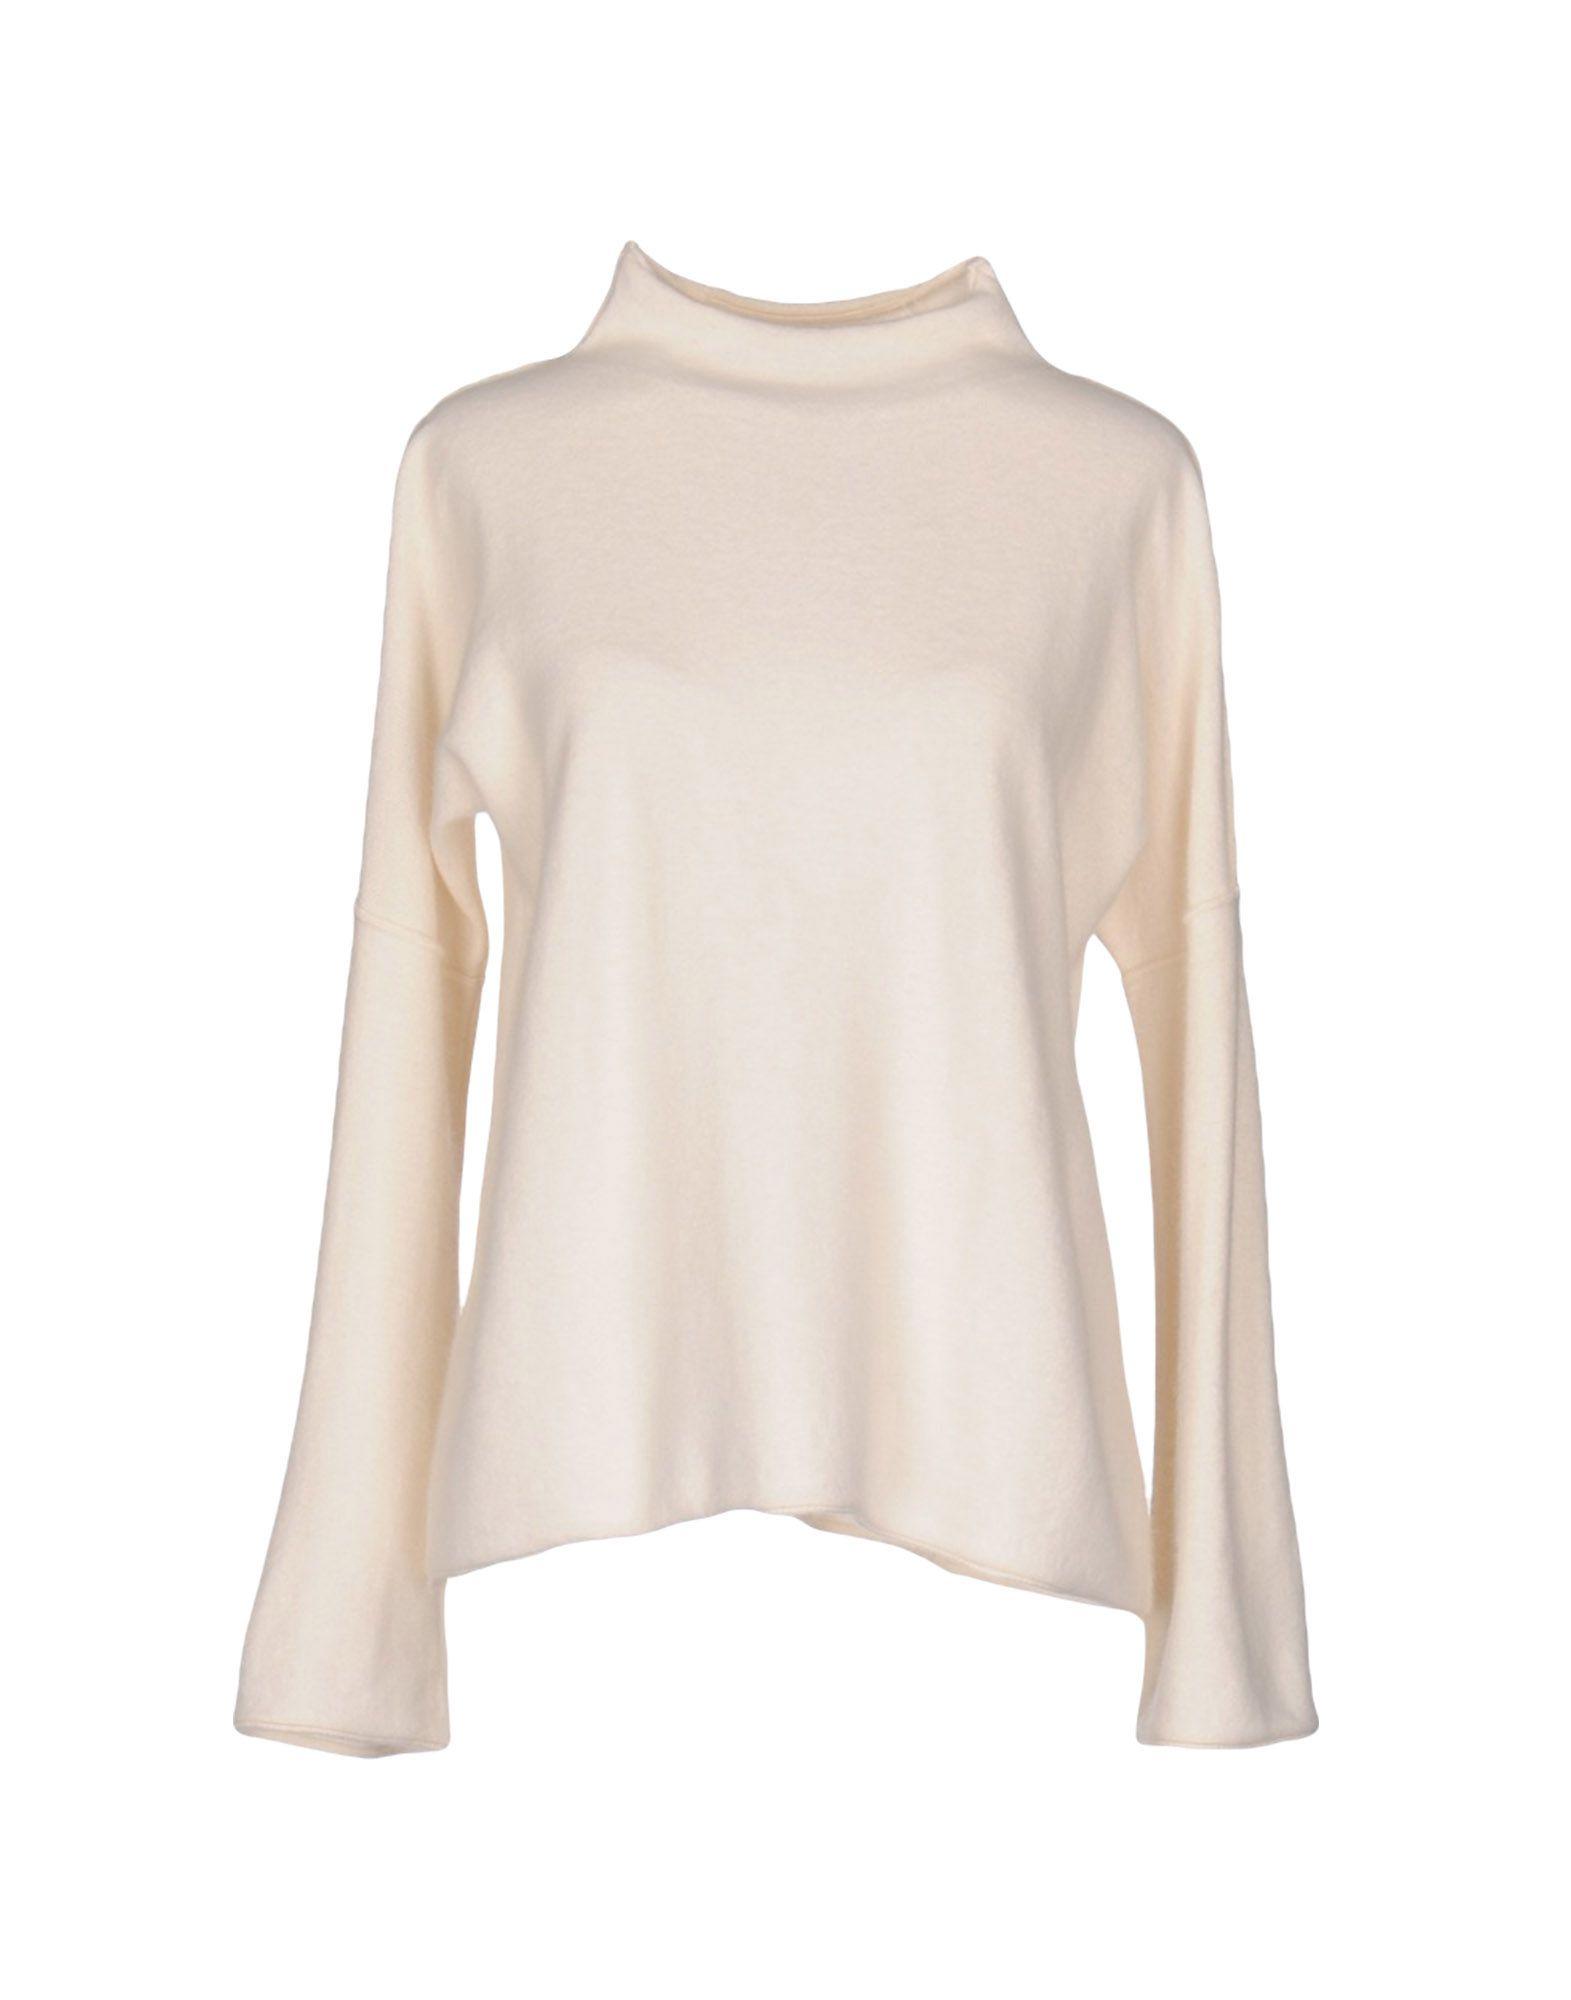 TORTONA 21 Damen Pullover Farbe Weiß Größe 5 - broschei